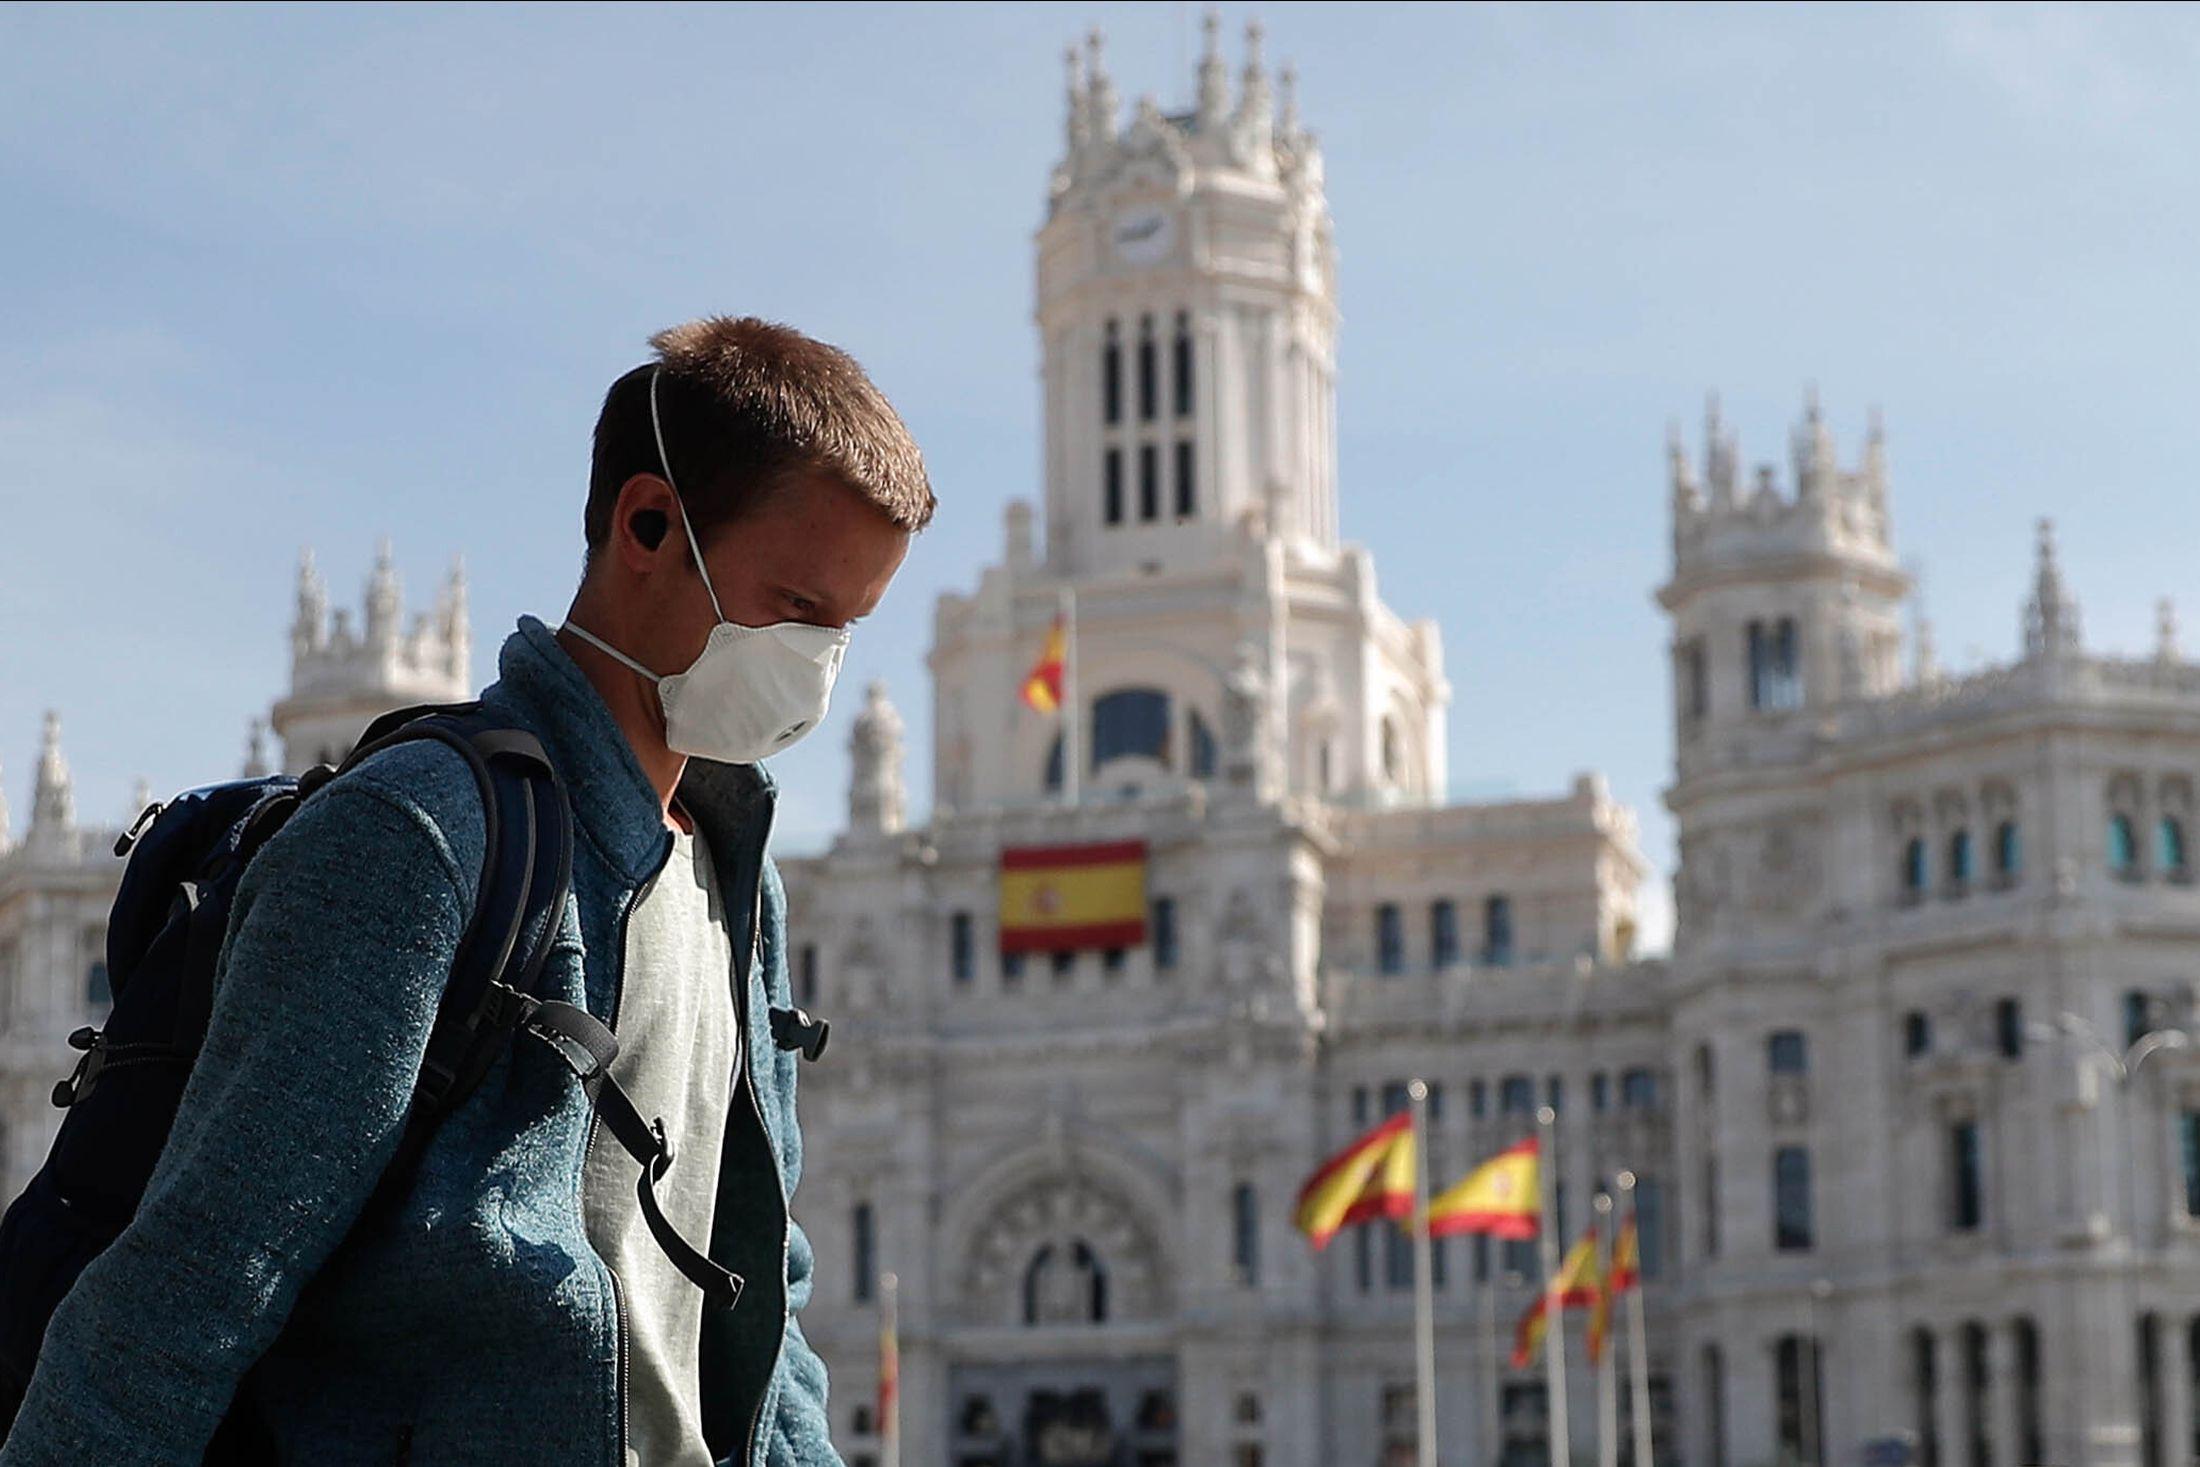 Кабмин Испании одобрил введение режима повышенной готовности из-за пандемии